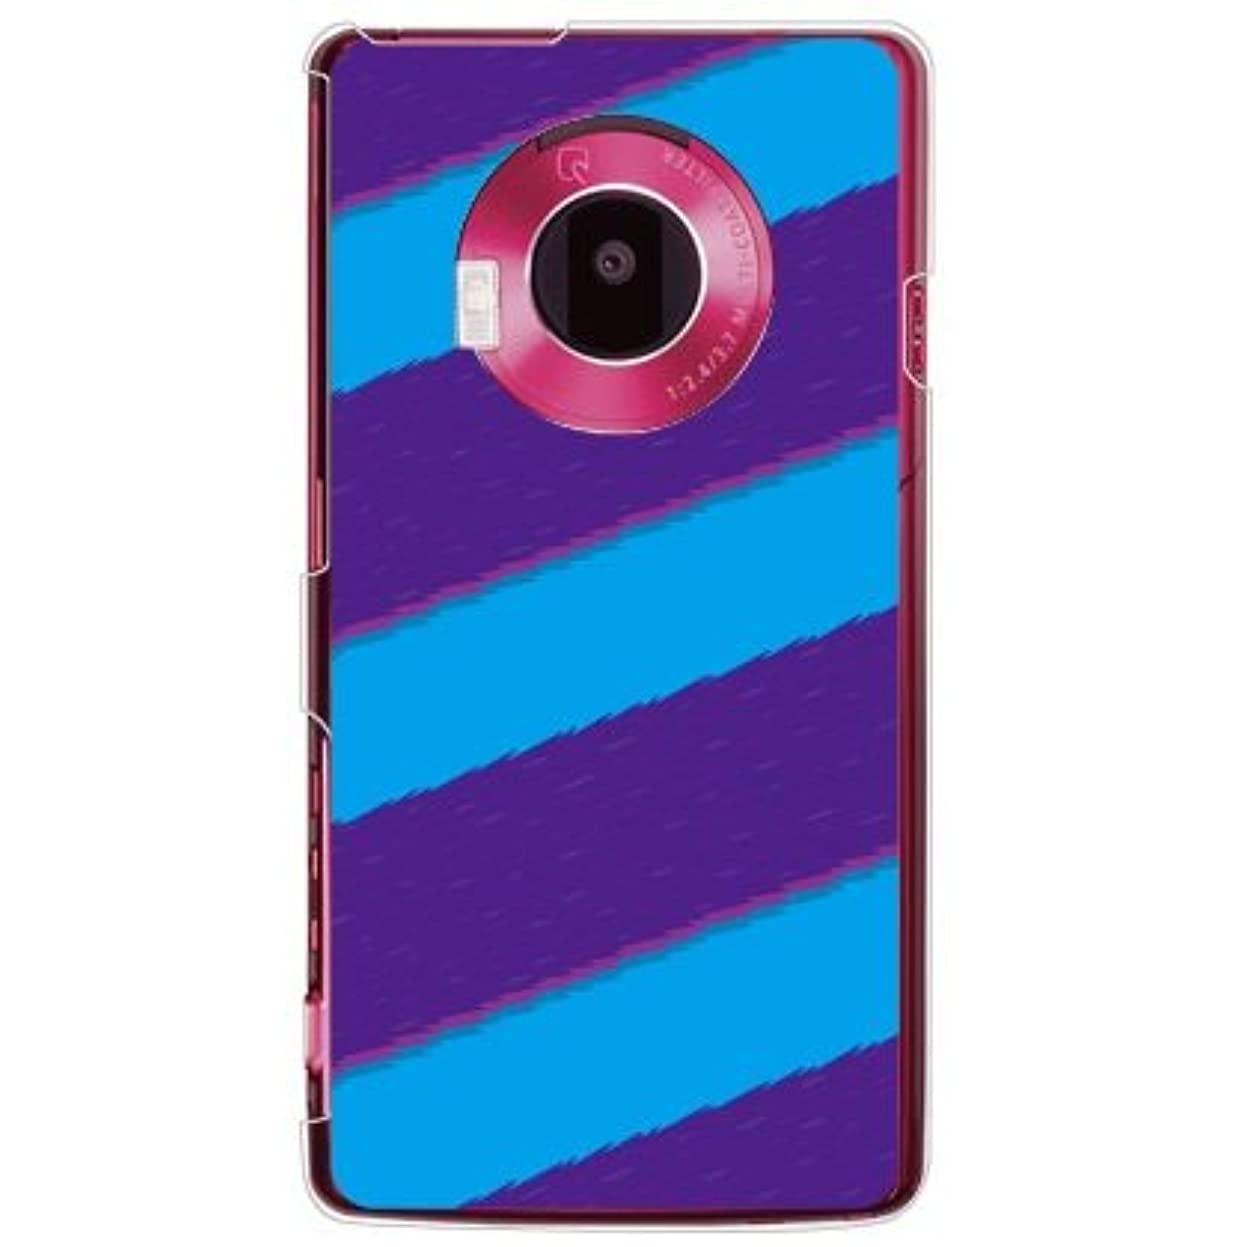 ローン乱すリーダーシップYESNO シッポストライプ ブルー (クリア) / for LUMIX Phone P-02D/docomo DPSP2D-PCCL-201-N005